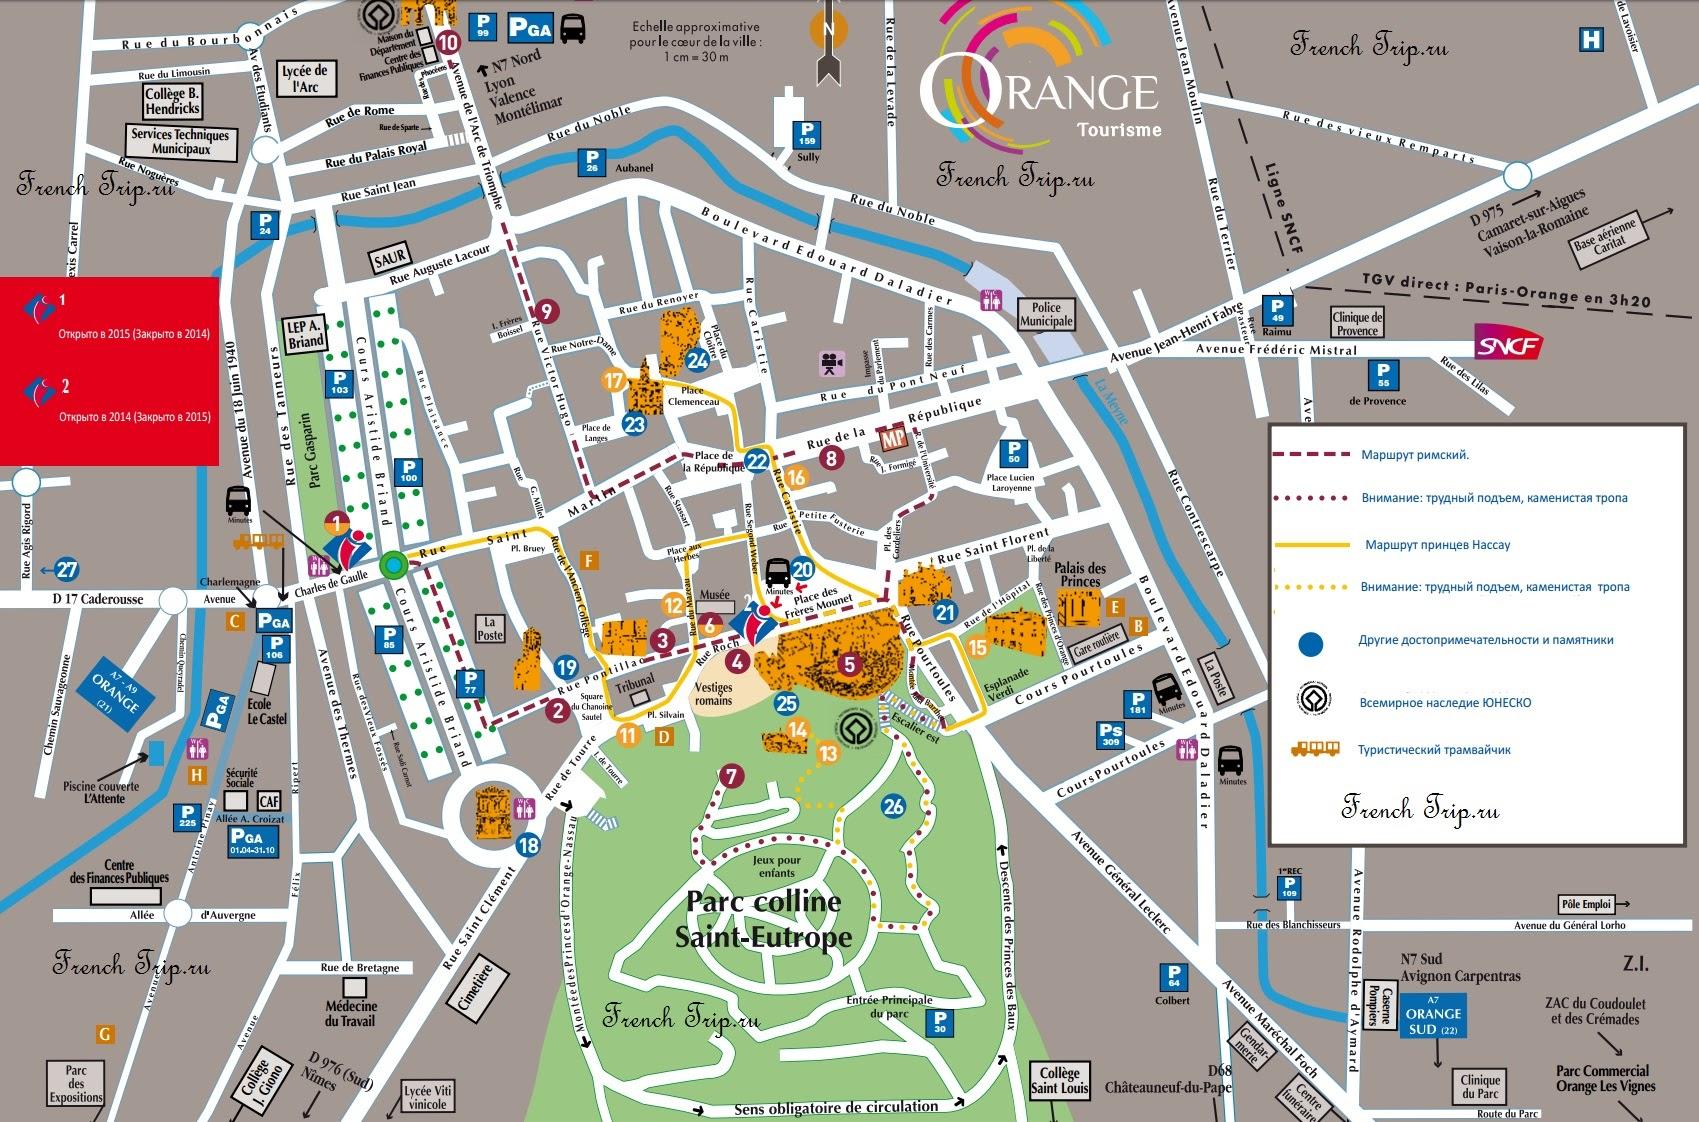 Карта Оранжа с отмеченными достопримечательностями Достопримечательности Оранжа (Orange), Прованс, Франция - путеводитель по городу Оранж, что посмотреть в Оранже